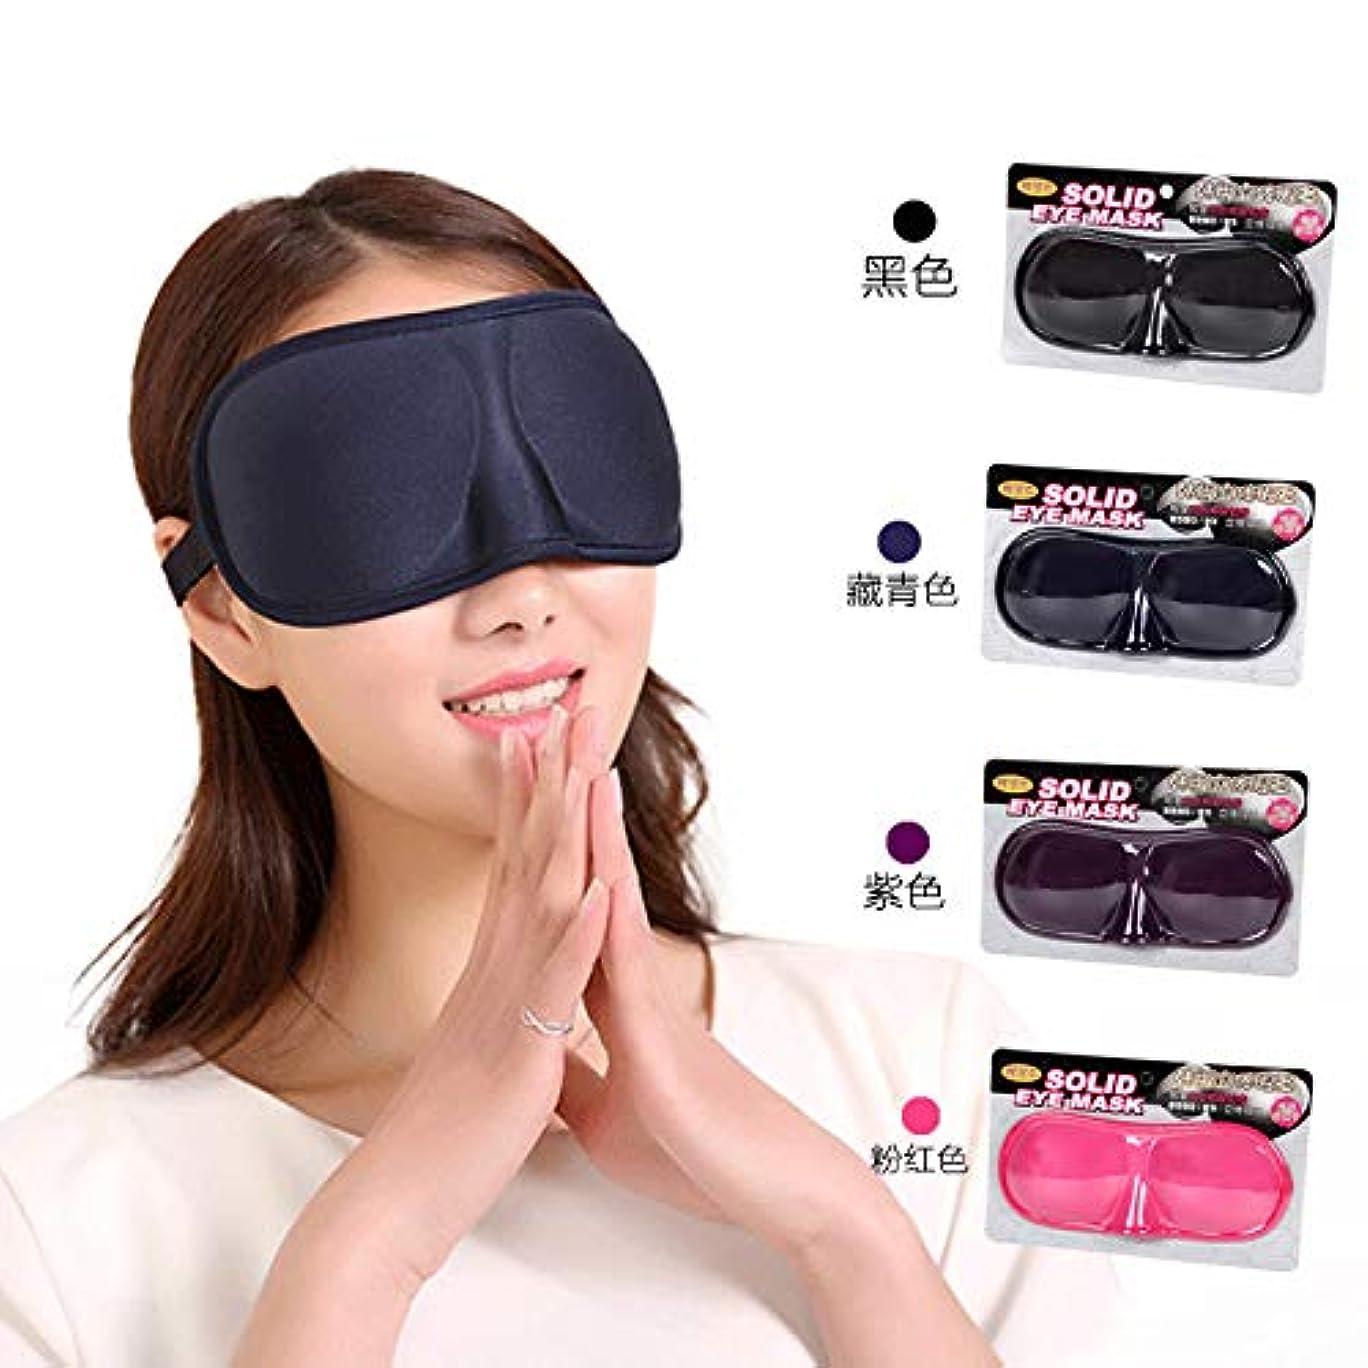 悲しいことに緊急不完全なNOTE 3d睡眠マスク援助自然睡眠アイマスクナイトアイシェードカバーシェードアイパッチソフトポータブル目隠し休息旅行アイパッチ